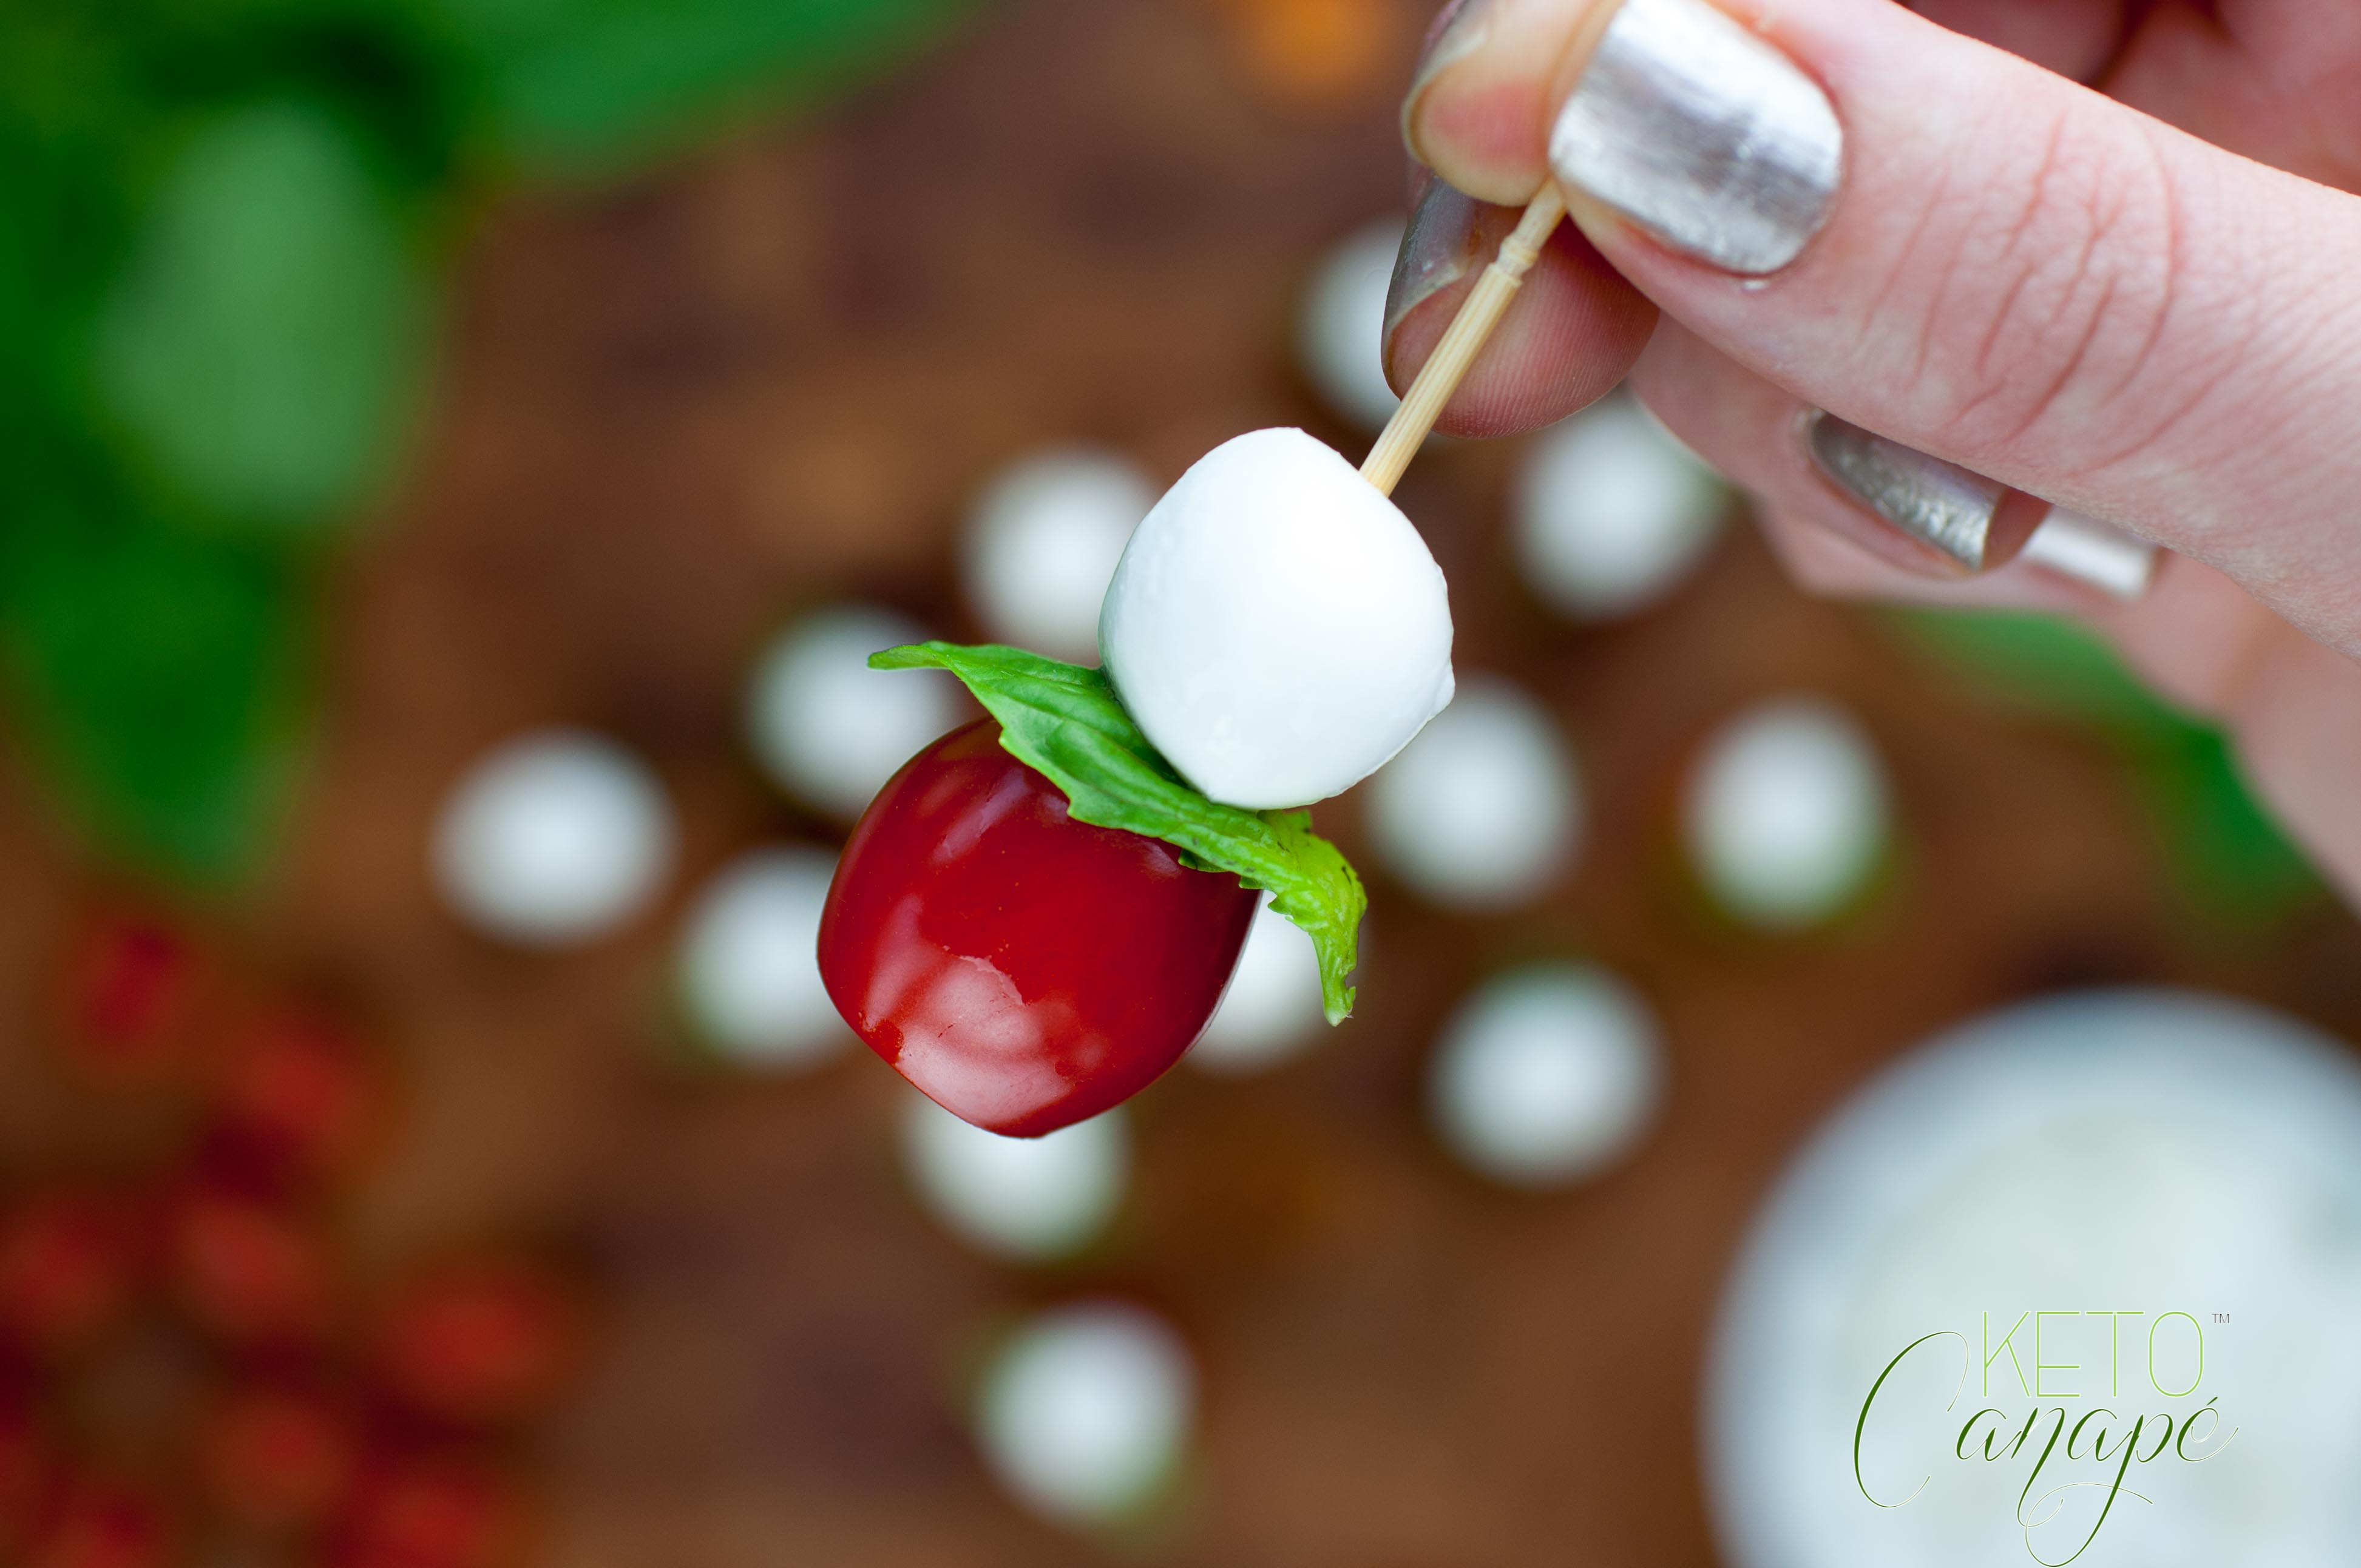 Tomato basil mozzarella canap s keto canape for Mozzarella canape